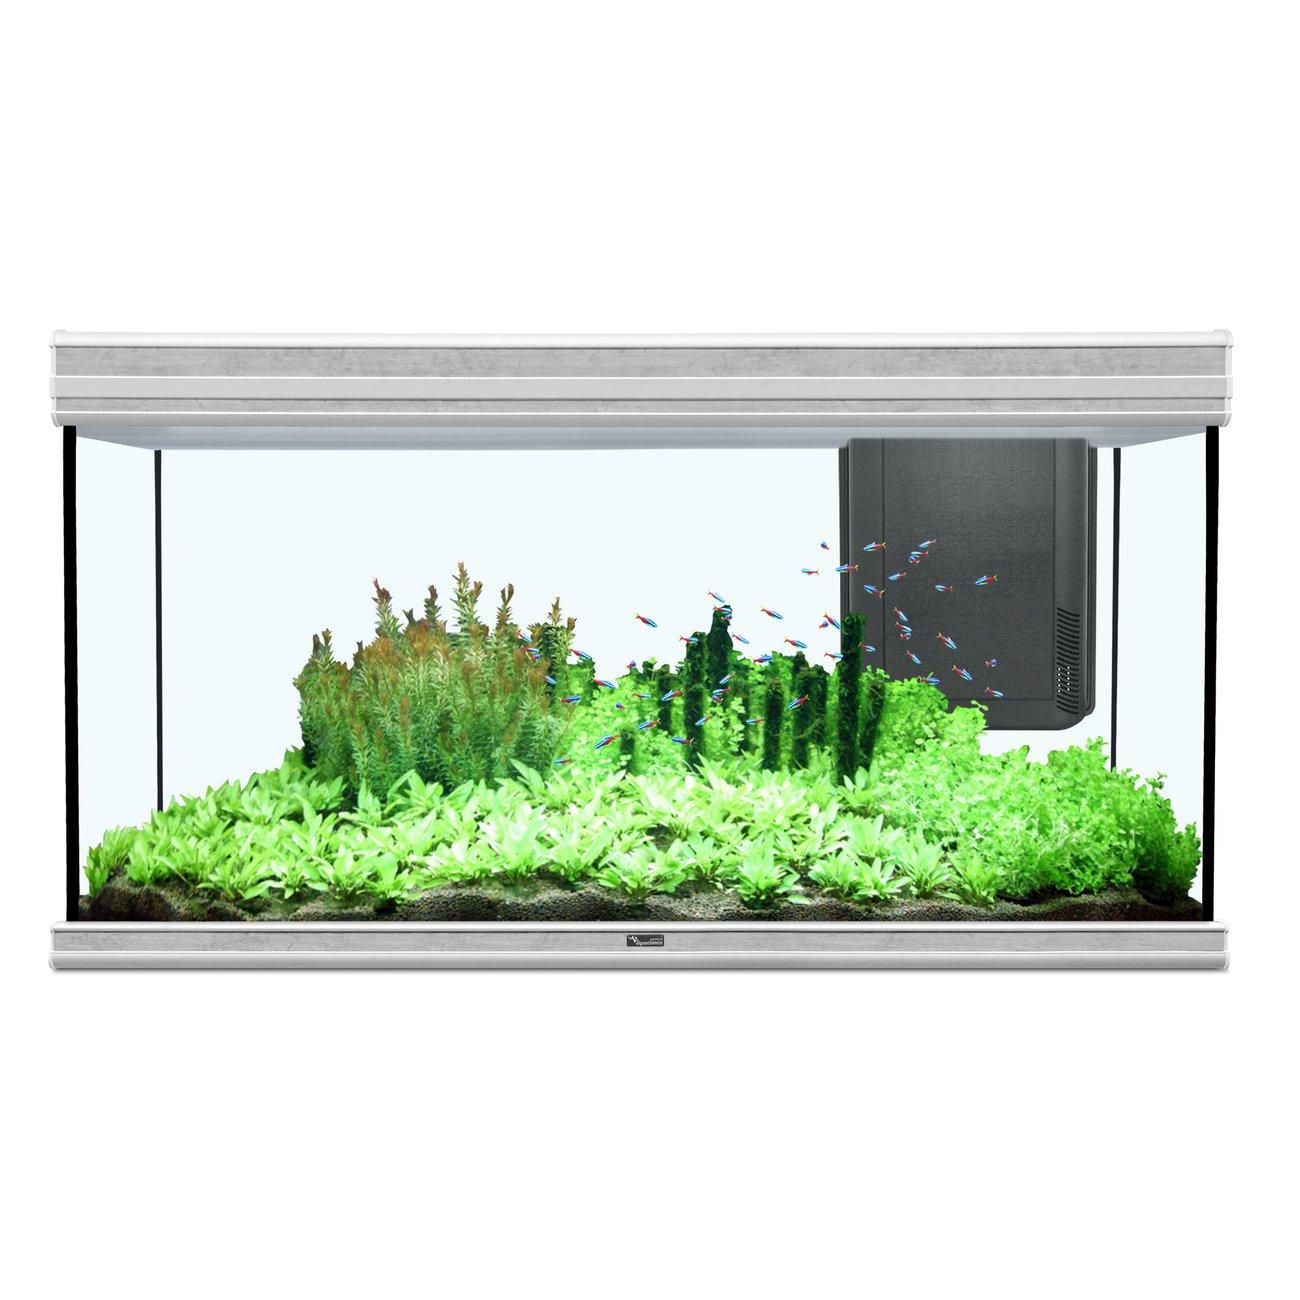 Aquatlantis Fusion 120x50cm Aquarium Bild 2